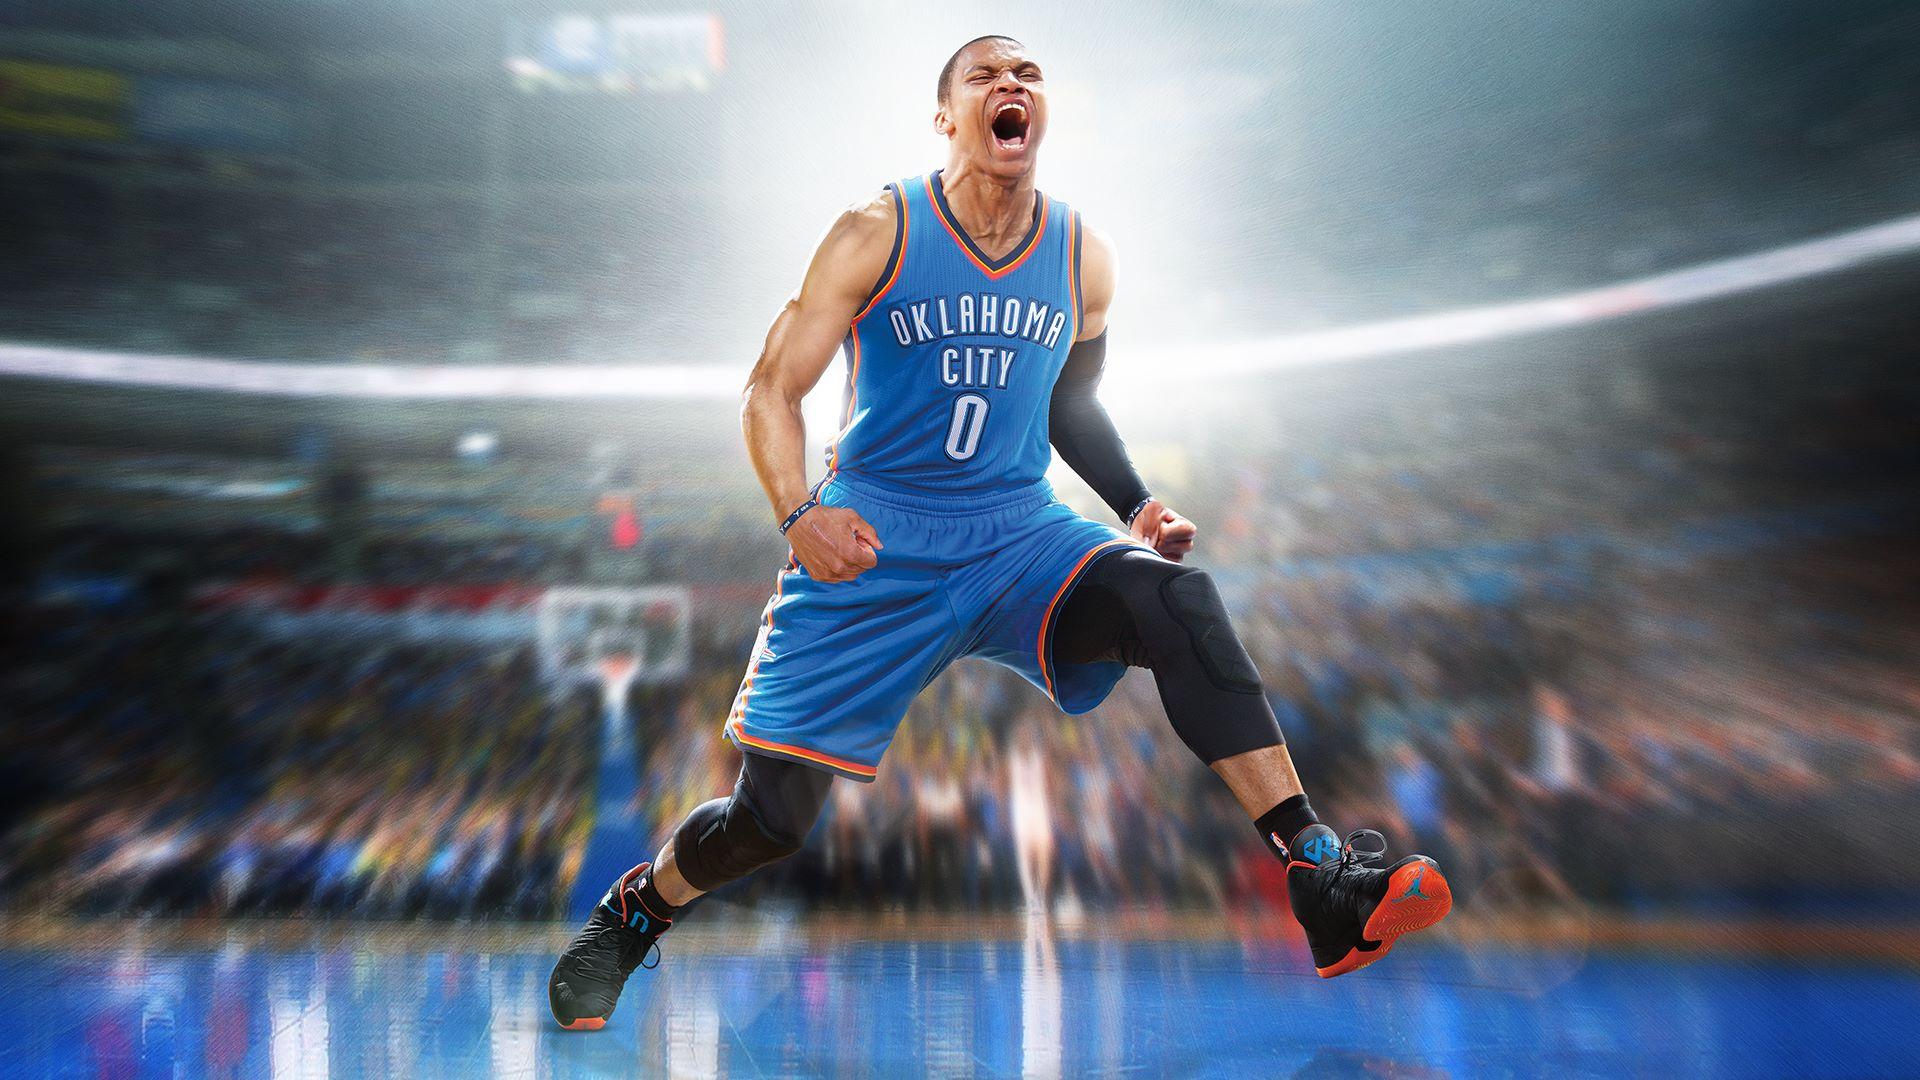 NBA LIVE 16 od EA SPORTS™